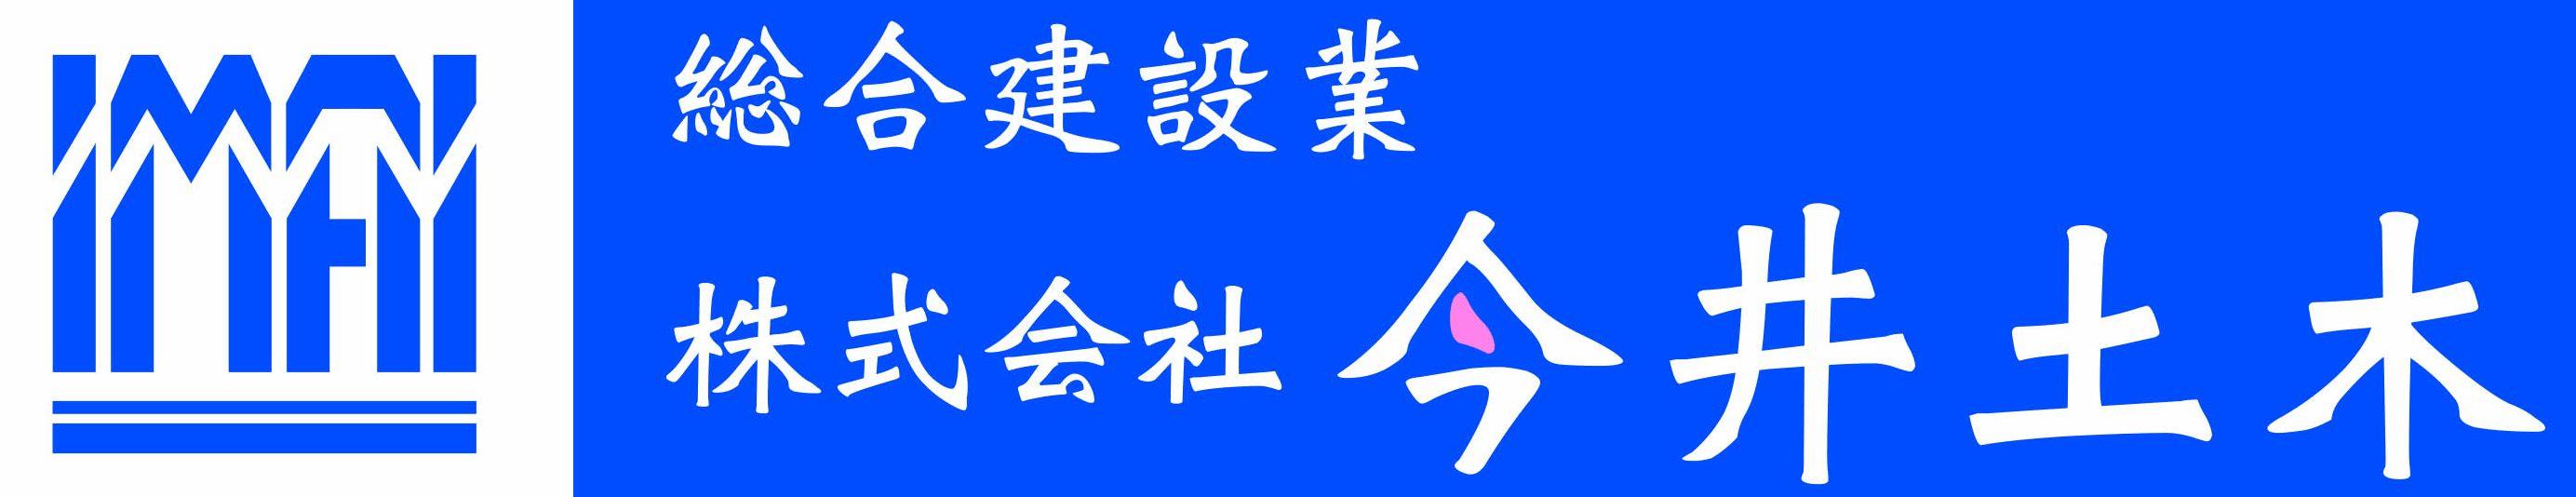 株式会社 今井土木